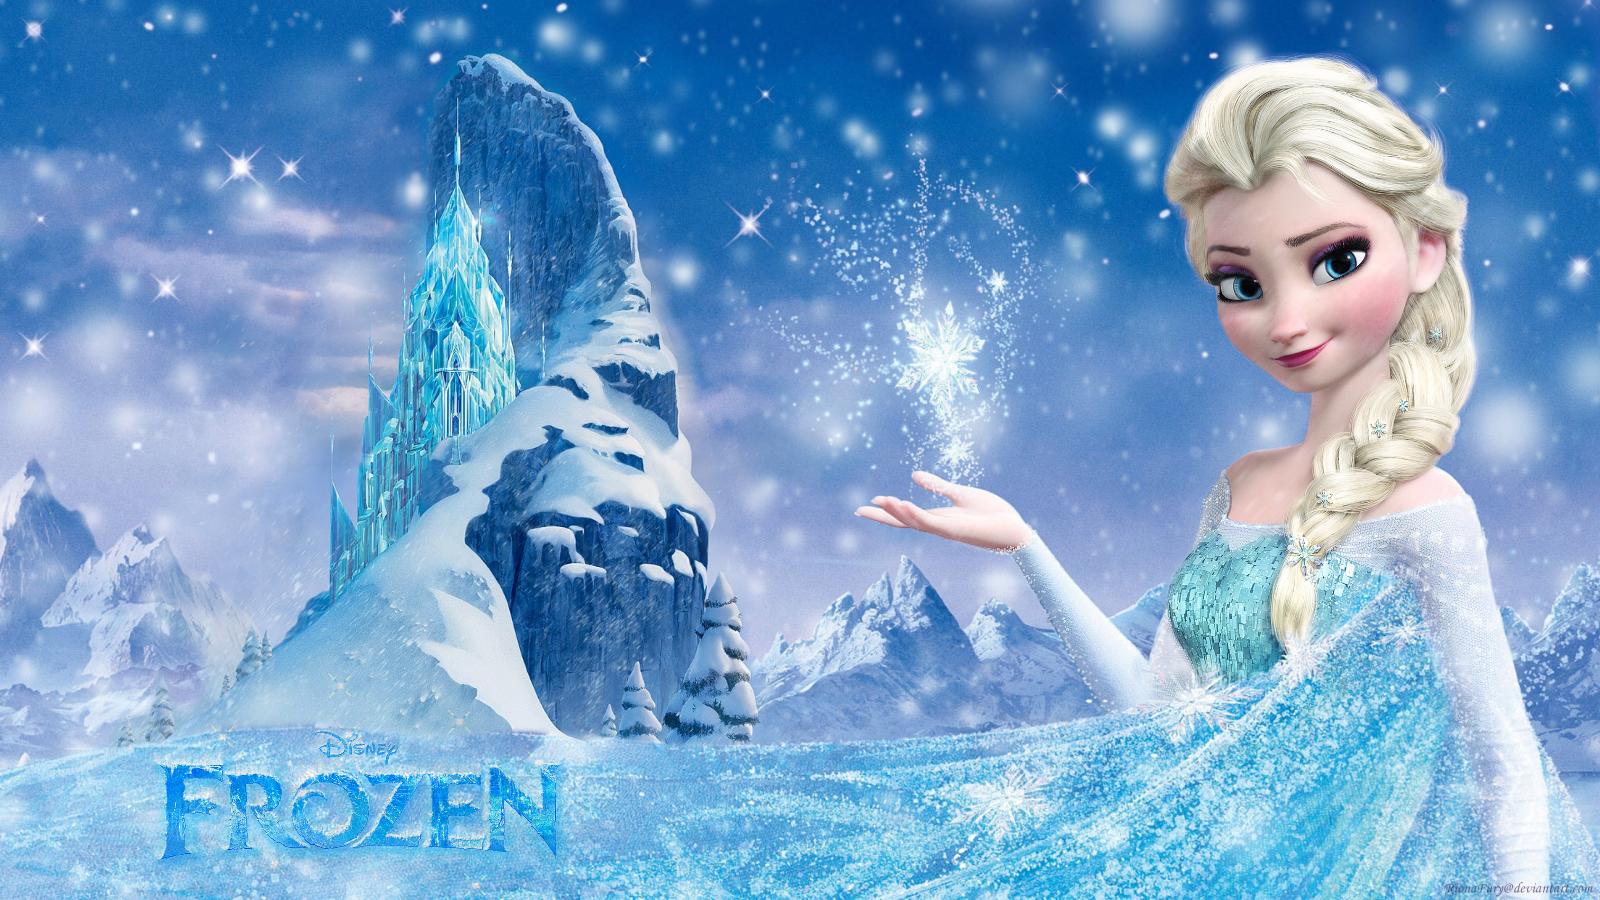 Frozen Elsa   Disney Prinzessin Hintergrund 37732282 1600x900